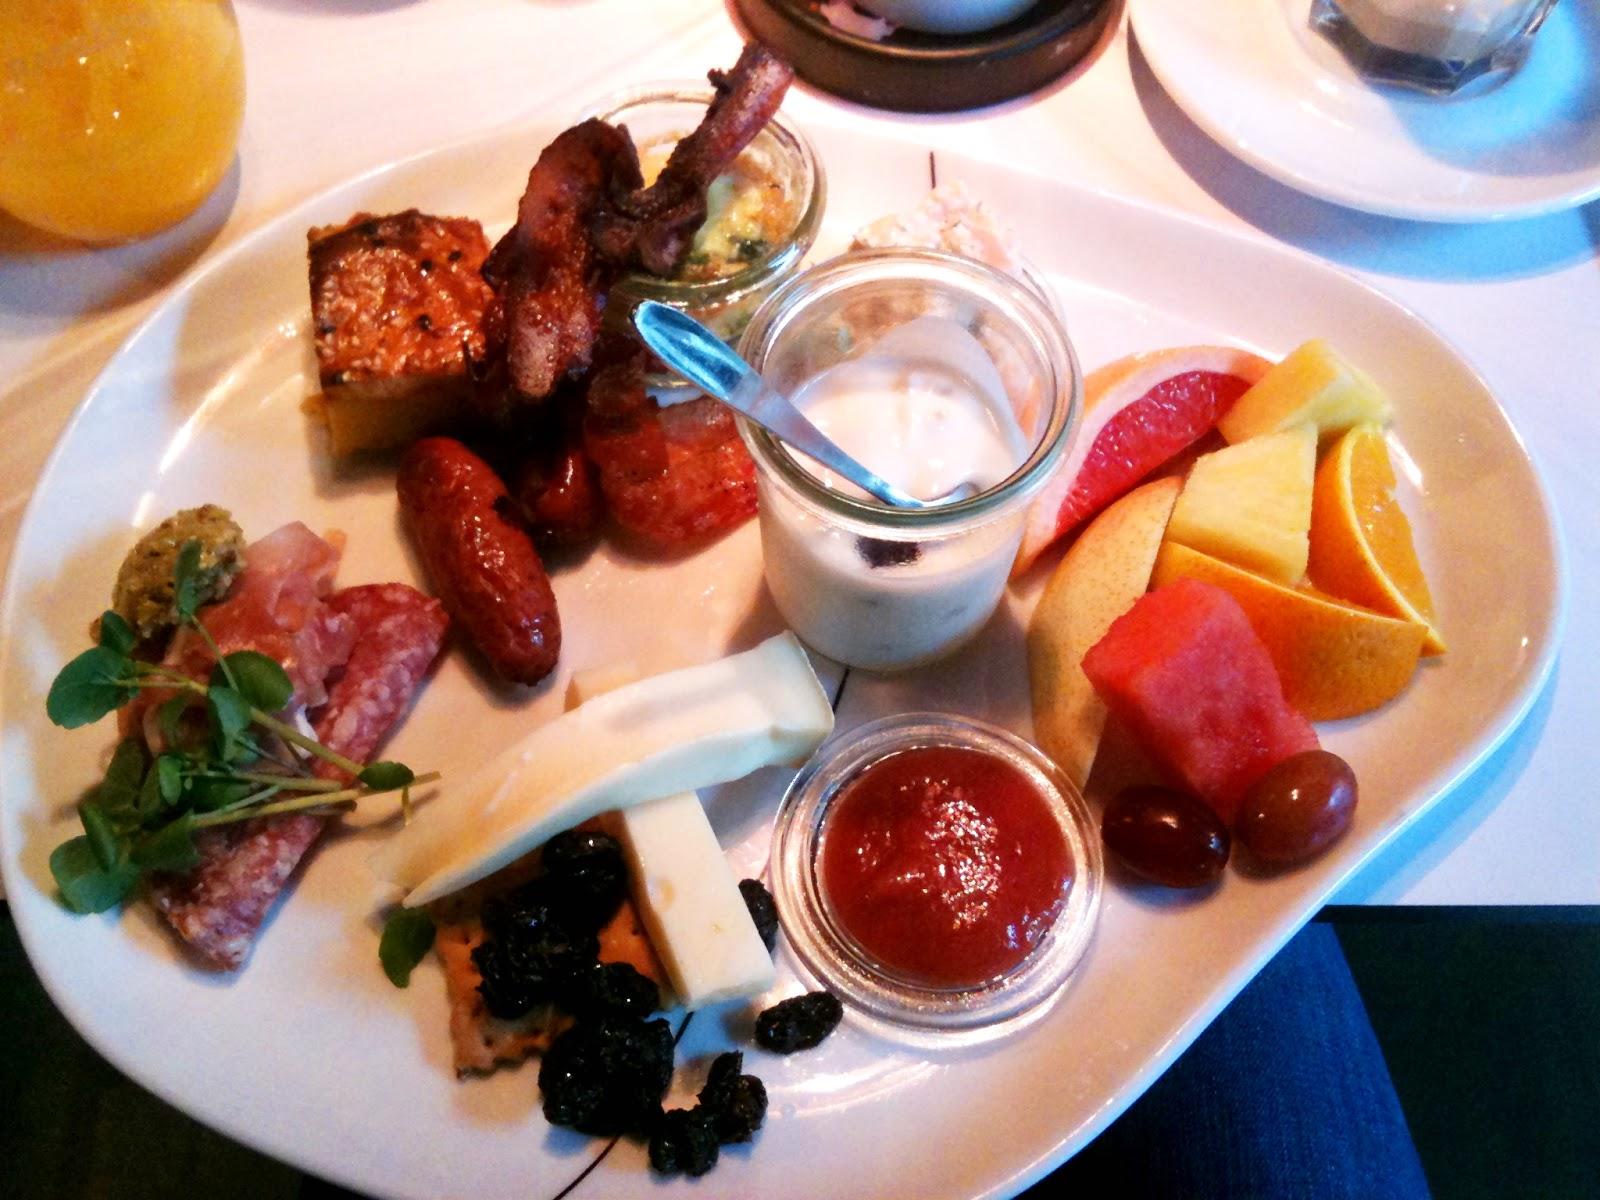 brunch, amerikanske pandekager, æg, bacon, morgenmad, frugt, cafe nørreport, københavn